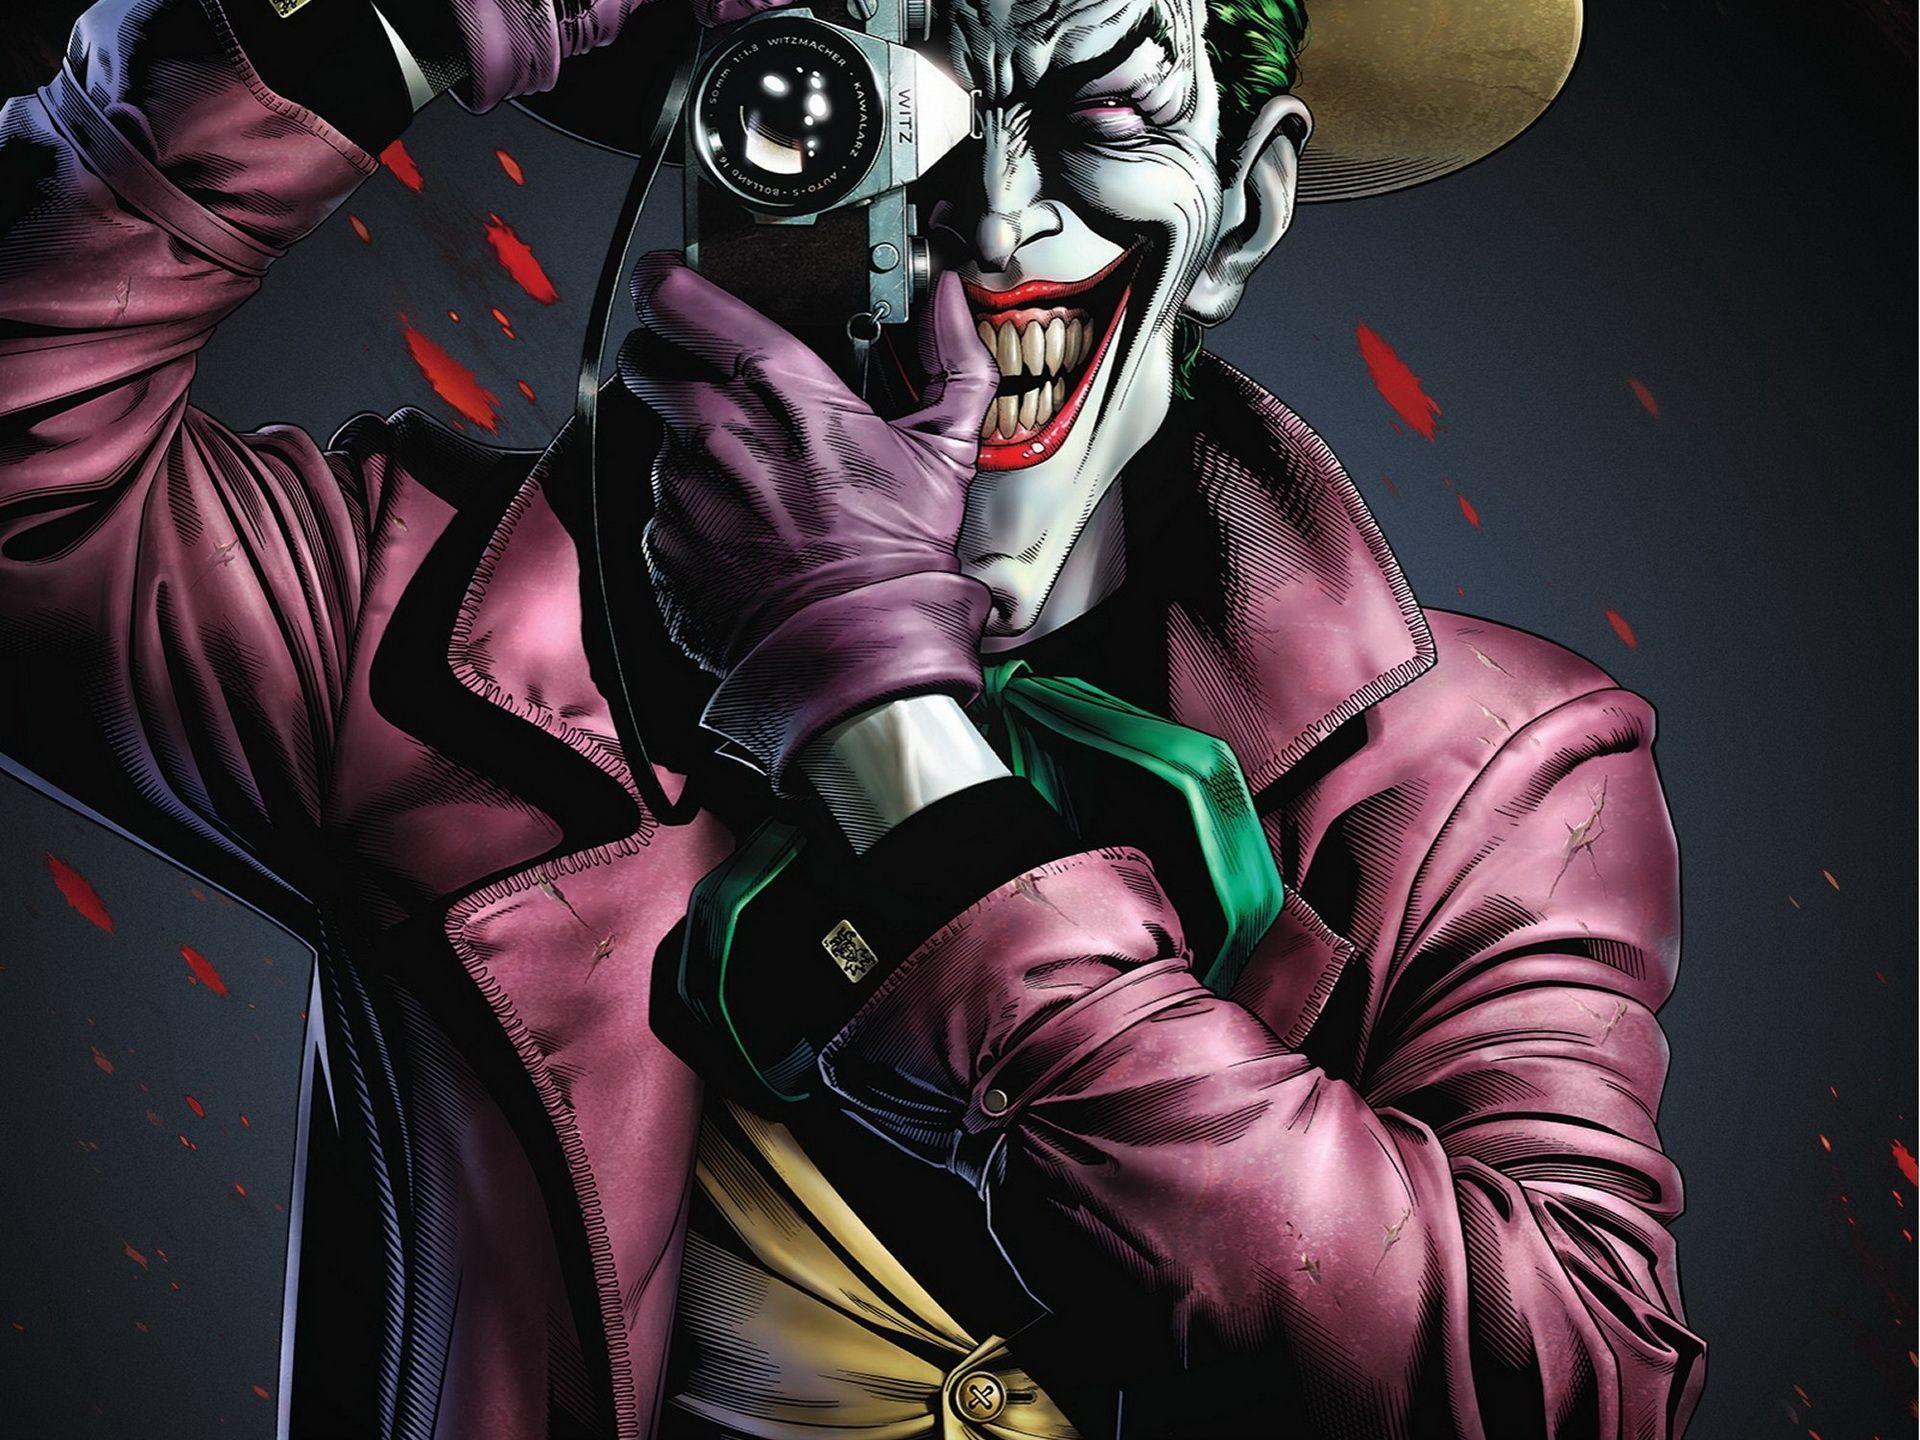 Joker Killing Joke 4k Ultra Hd Wallpapers Top Free Joker